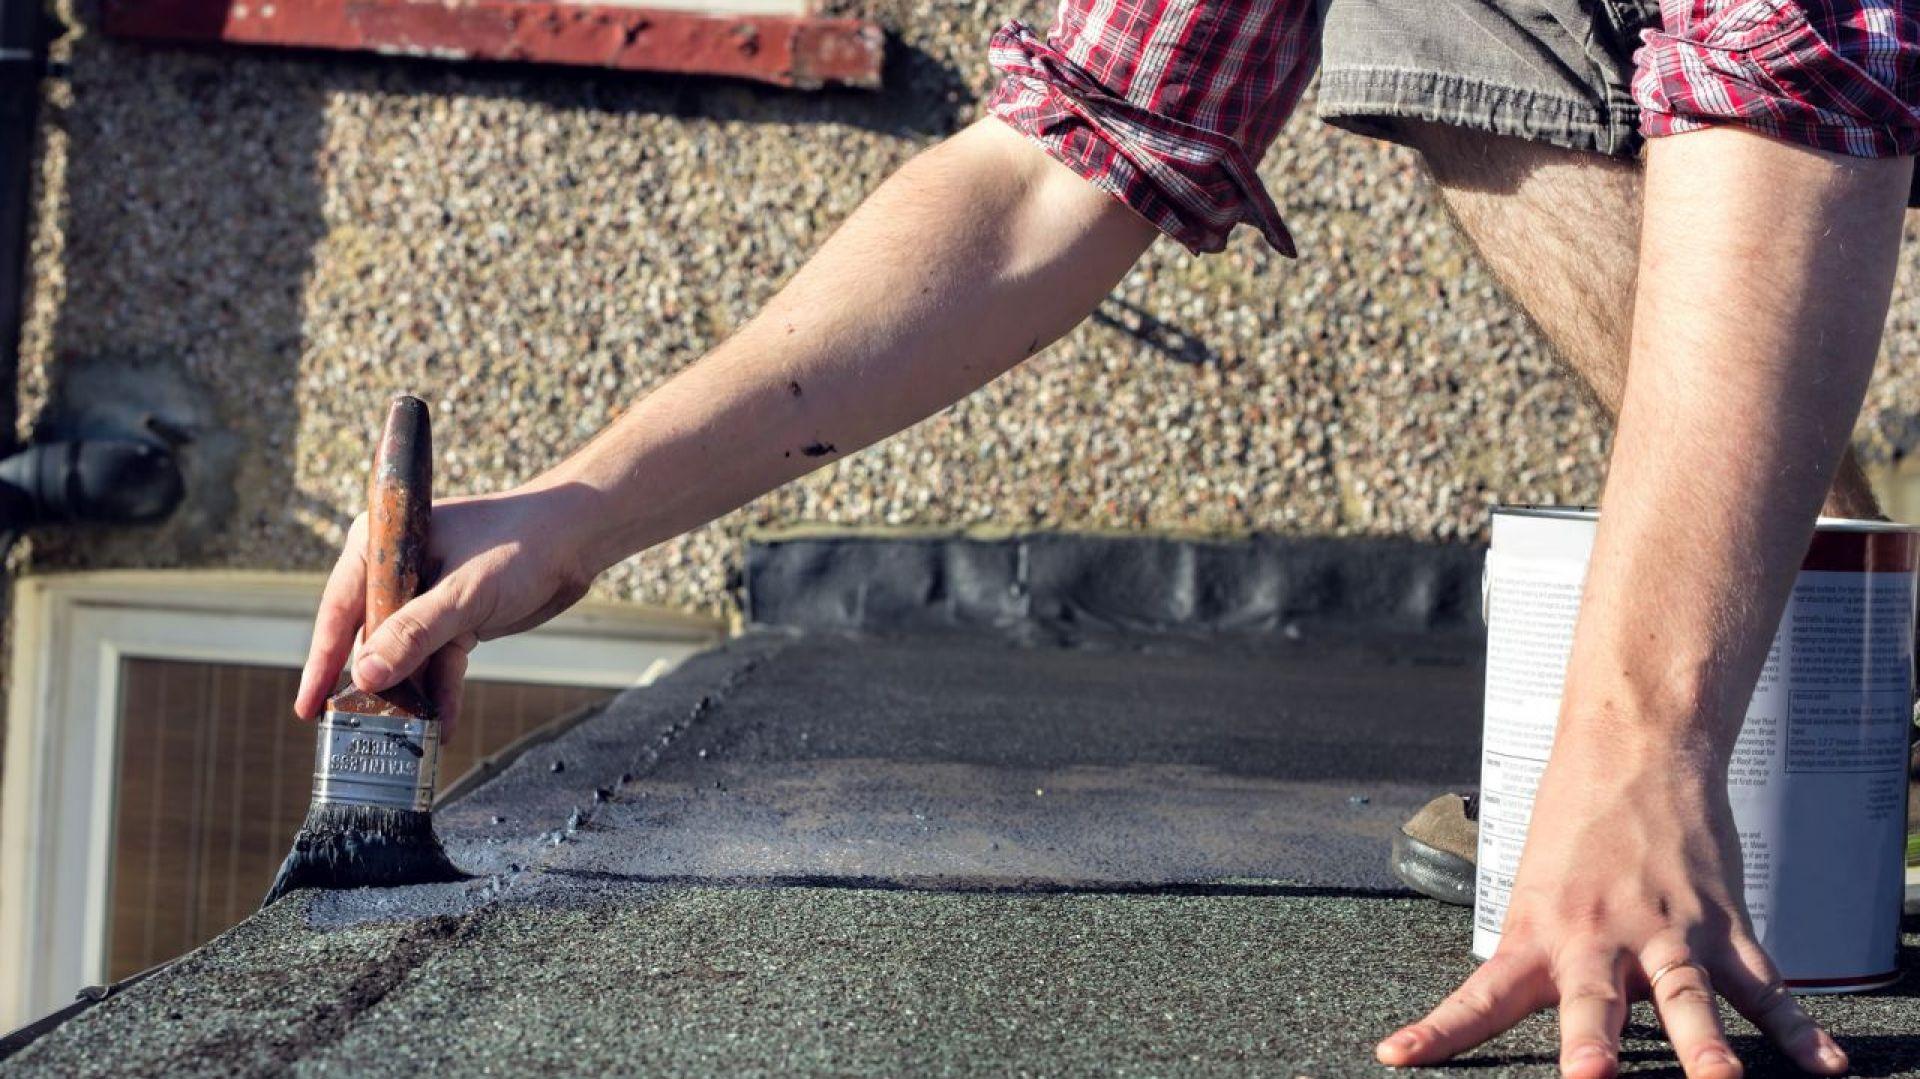 Jeszcze zanim temperatury spadną, warto dokładnie sprawdzić stan pokrycia dachowego, diagnozując ewentualne uszkodzenia i wykonując potrzebne prace naprawcze. Dzięki temu zadbamy o jego trwałość, nie narażając się na ryzyko kosztowniejszej wymiany całej papy na dachu. Fot. Ultrament